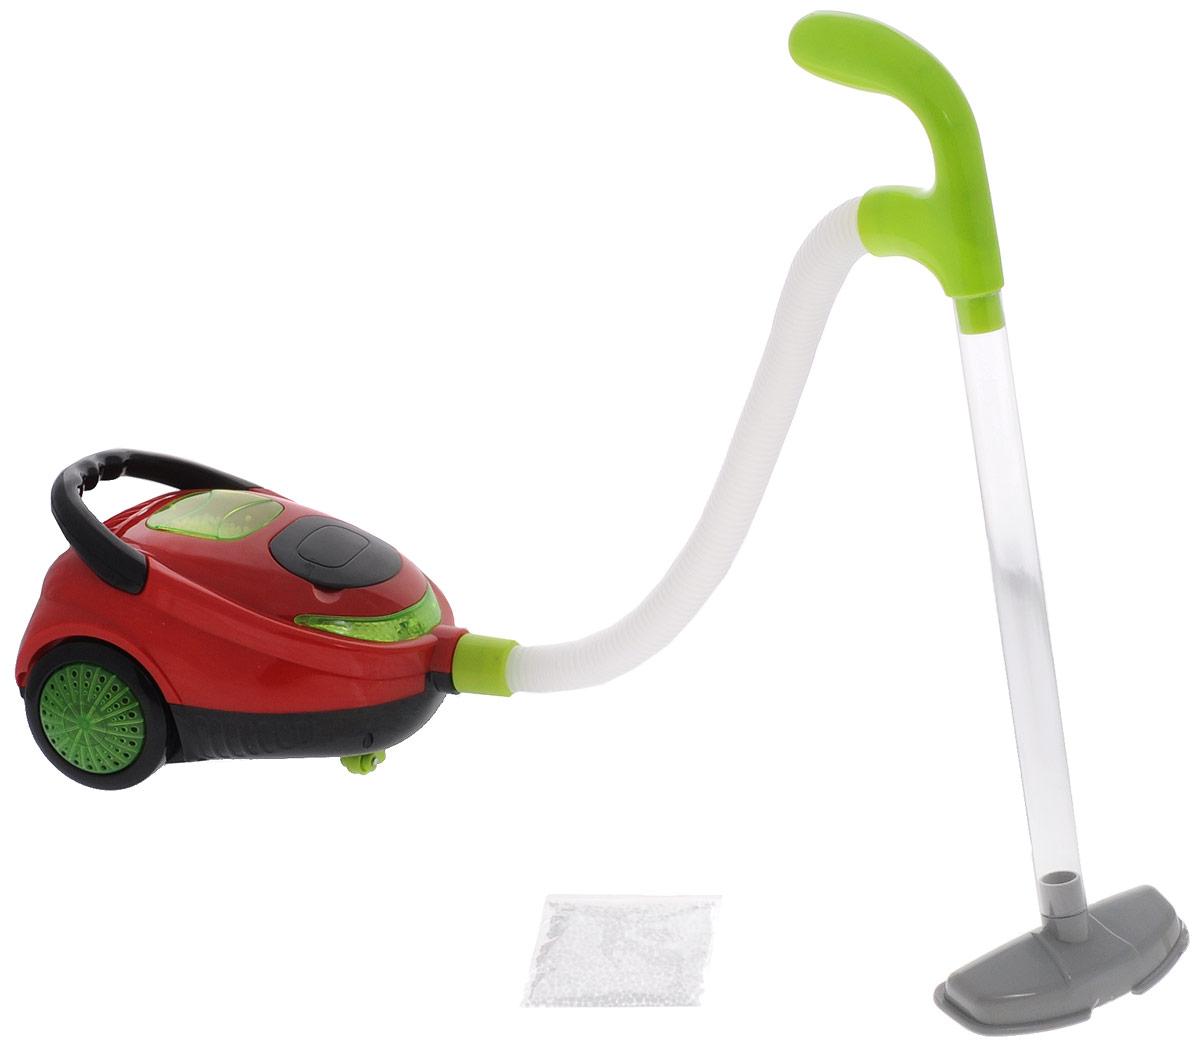 ABtoys ПылесосPT-00341Игрушечный пылесос ABtoys создан для юных хозяюшек в возрасте от трех лет. С ним девочка сможет воображать, как она помогает маме с уборкой и пылесосит комнату. Игрушка снабжена реалистичными звуковыми и световыми эффектами, благодаря которым игра с ней становится еще более интересной и увлекательной. Пылесос имеет съемную корзину для мусора, может засасывать пенопластовые шарики. При работе в верхнем окошке пылесоса шарики из пенопласта движутся под струей воздуха. Для работы игрушки необходимы 4 батарейки типа АА напряжением 1,5V (не входят в комплект).